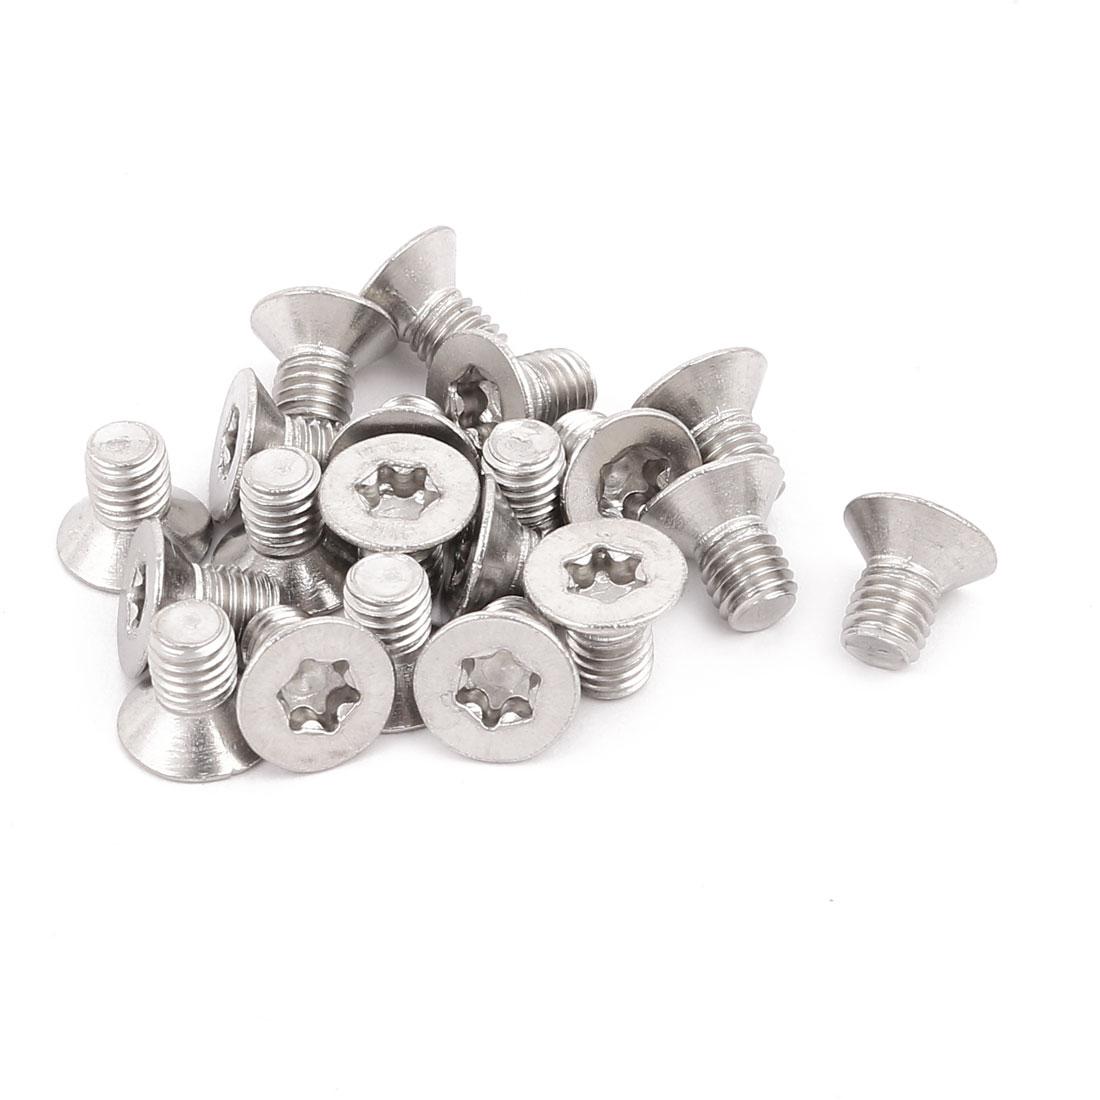 M5x8mm 304 Stainless Steel Fully Thread Flat Head Torx Screws Fasteners 20pcs